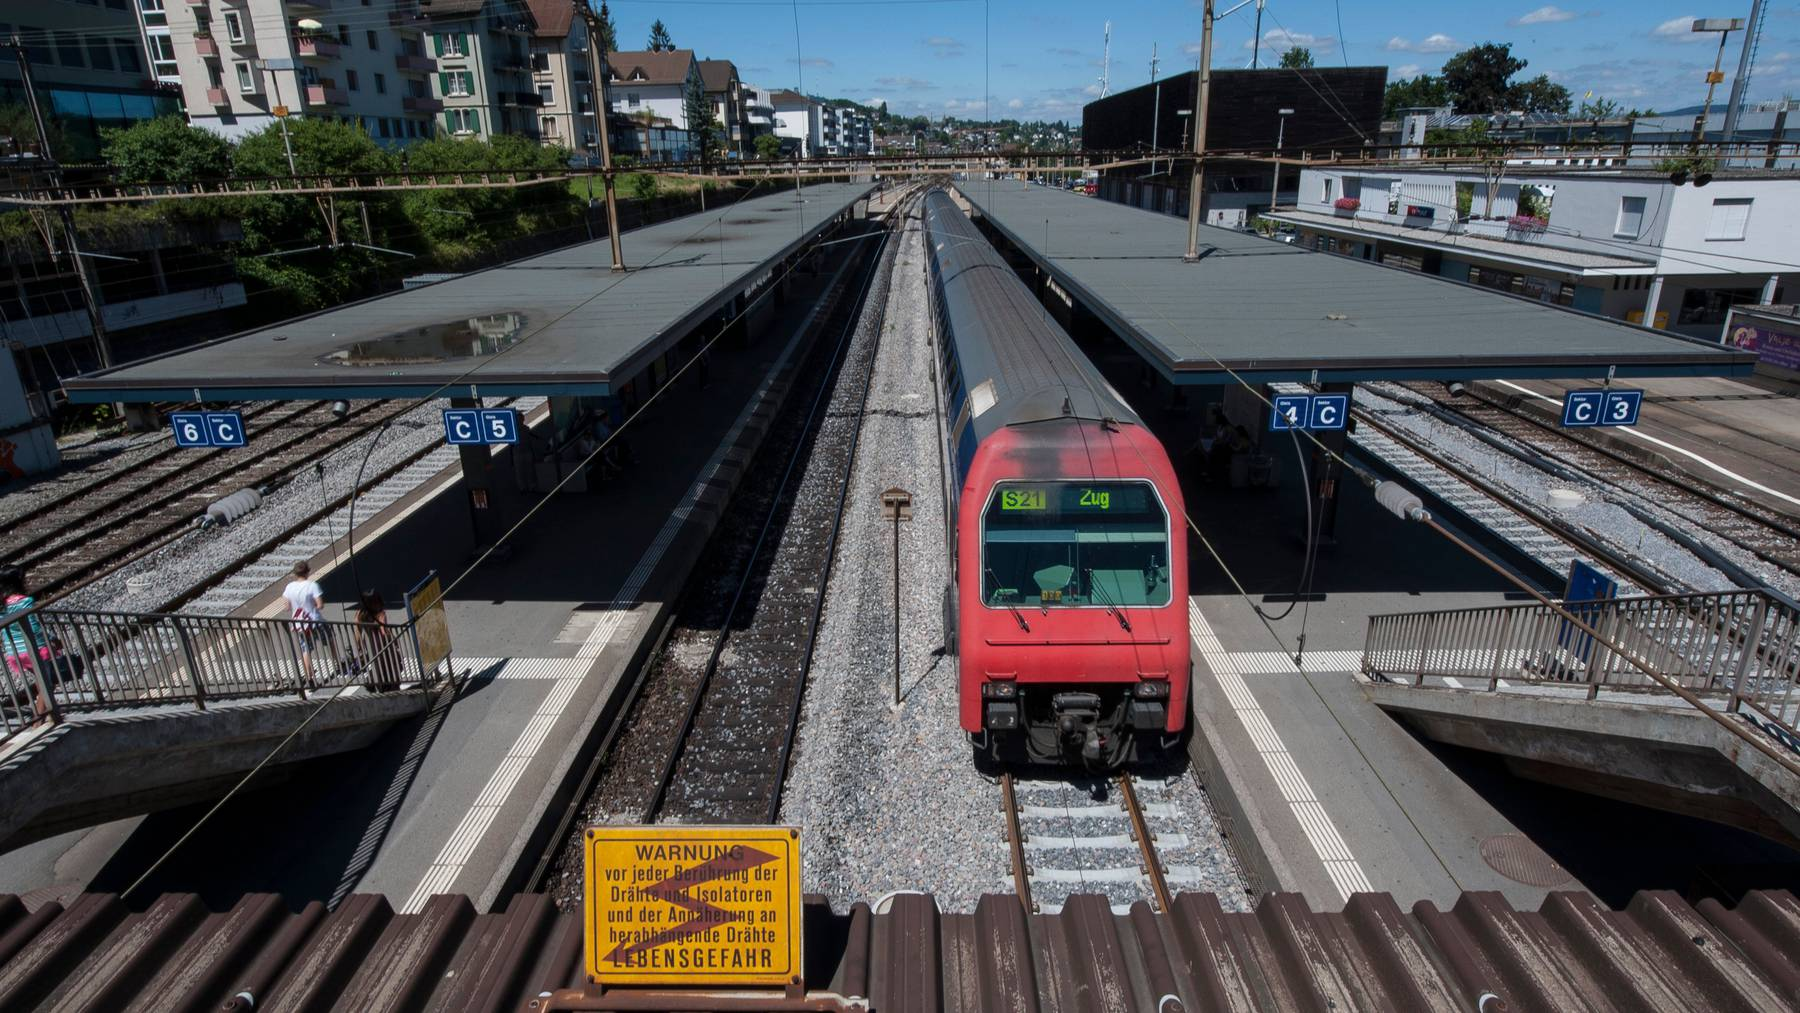 Am Bahnhof Thalwil kam es zu einem scheren Unfall.